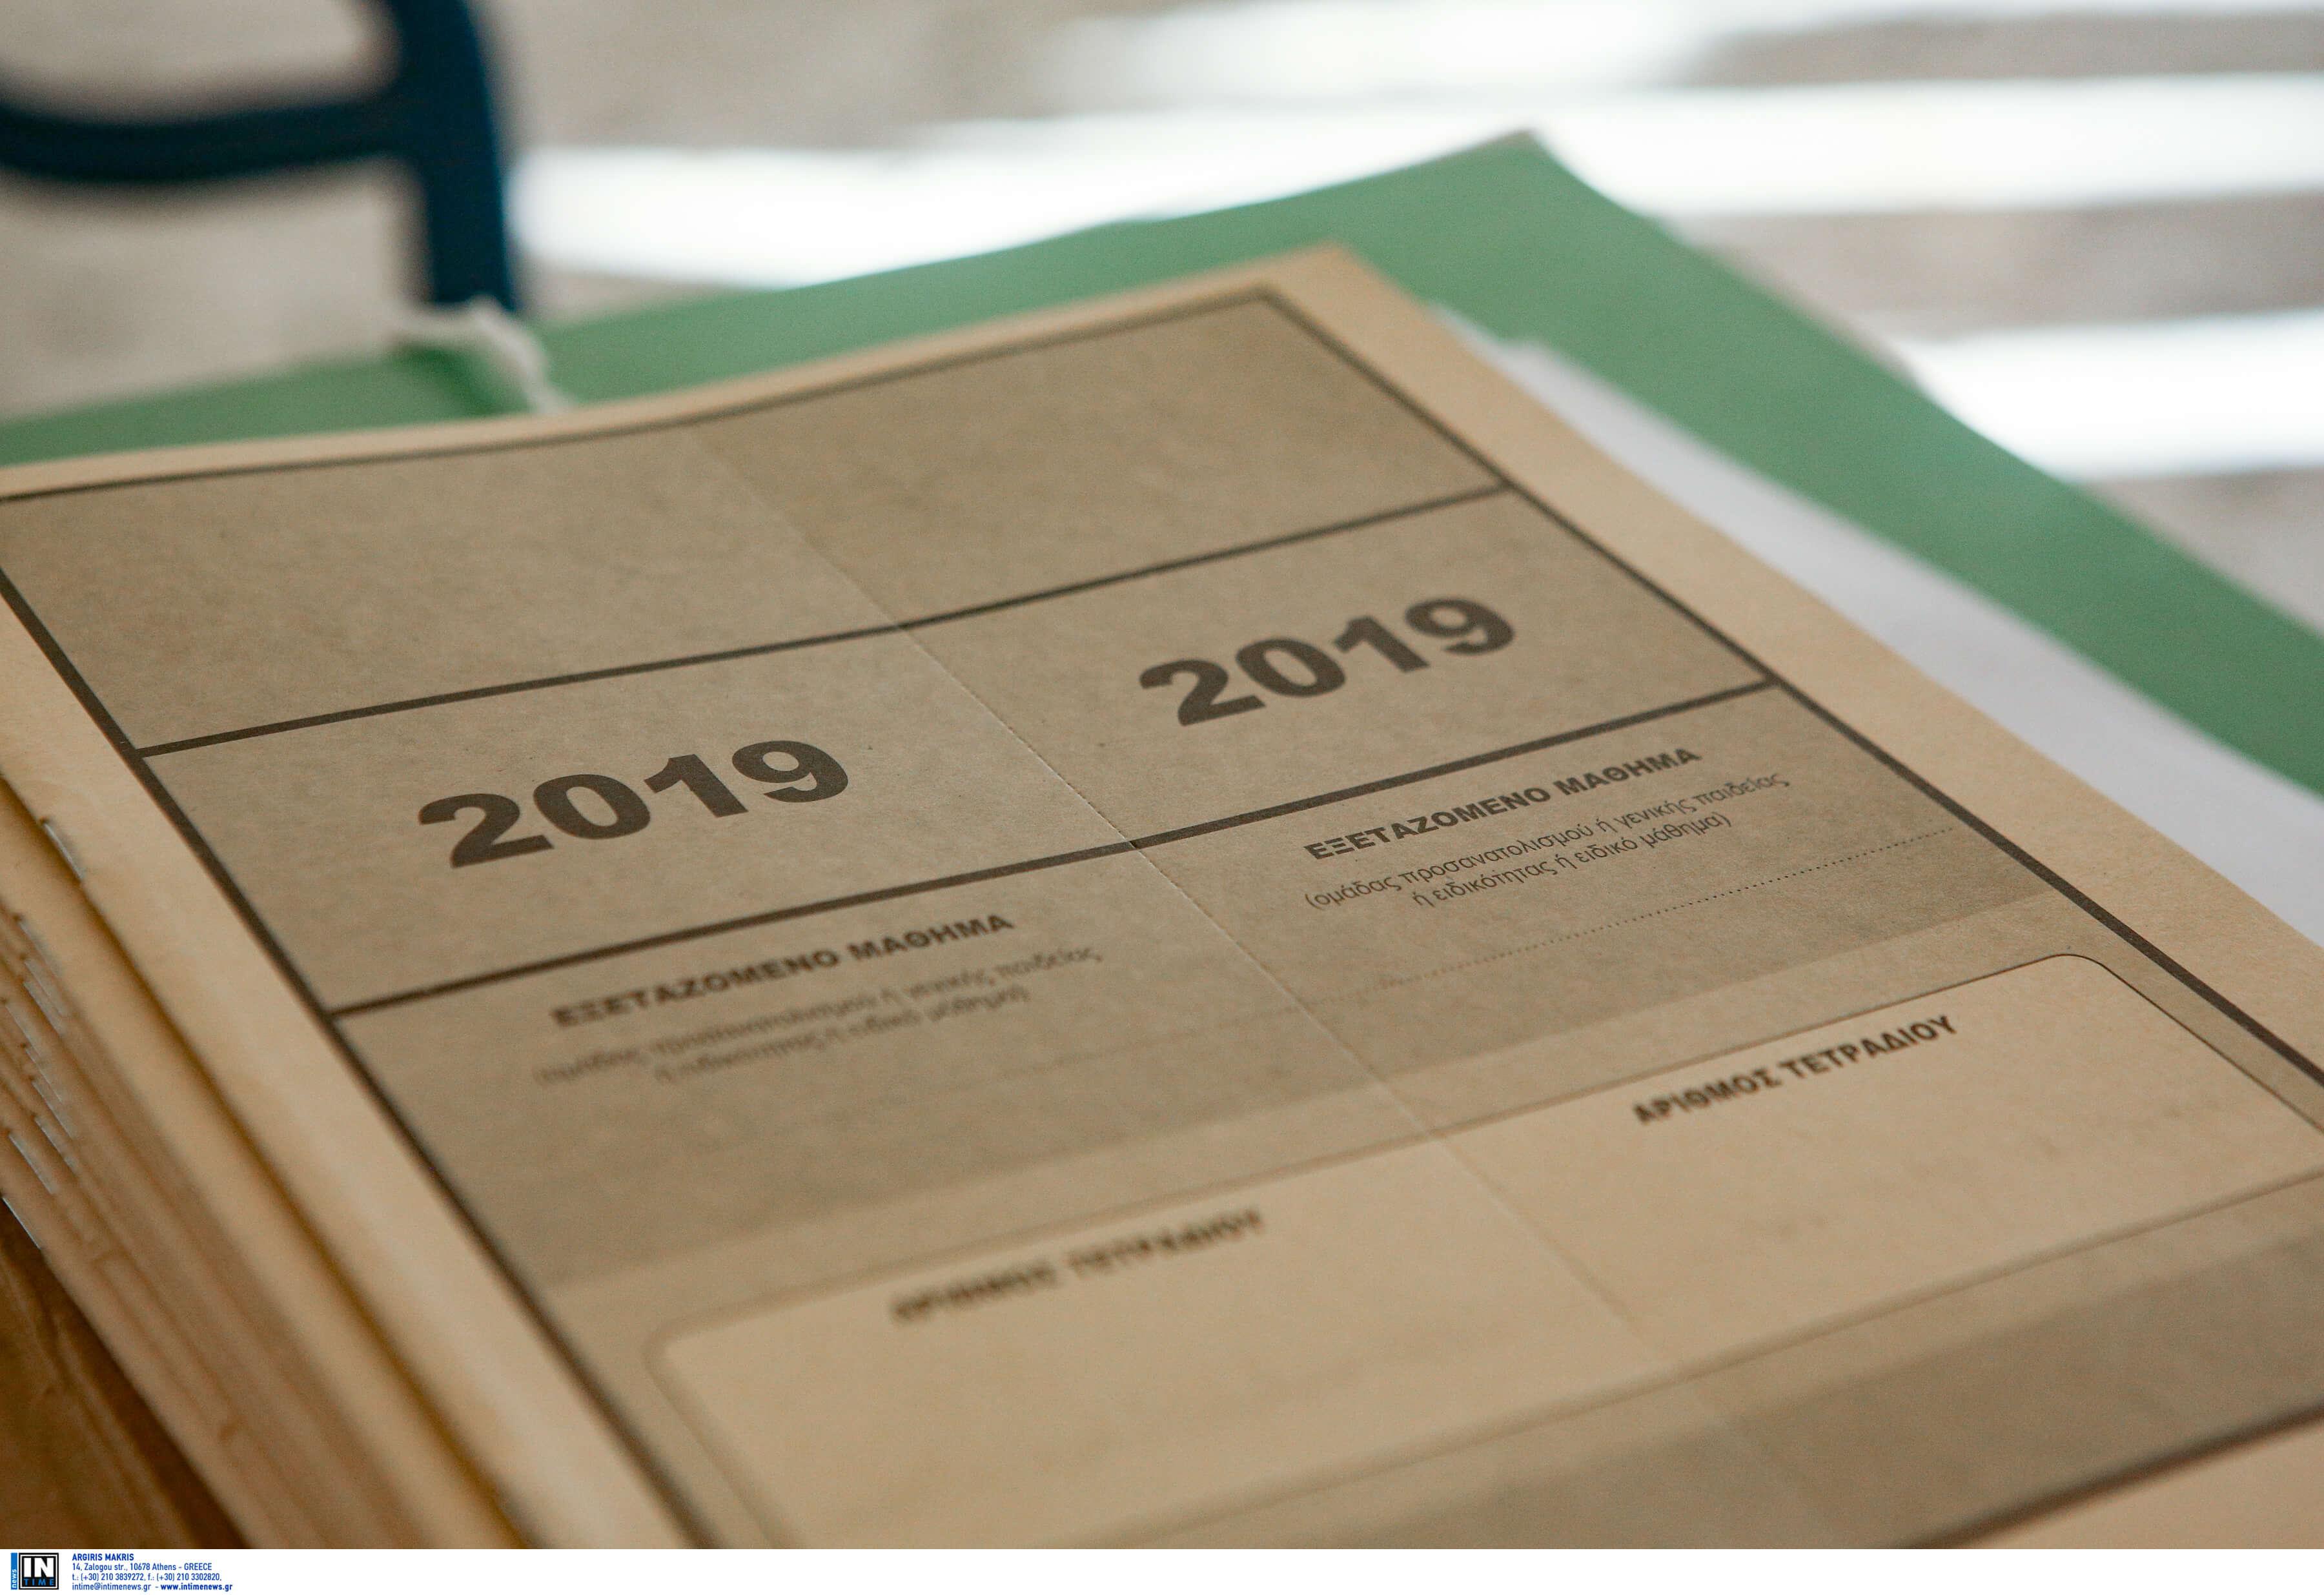 Πανελλήνιες 2019 – Θέματα Ανάπτυξης Εφαρμογών και απαντήσεις